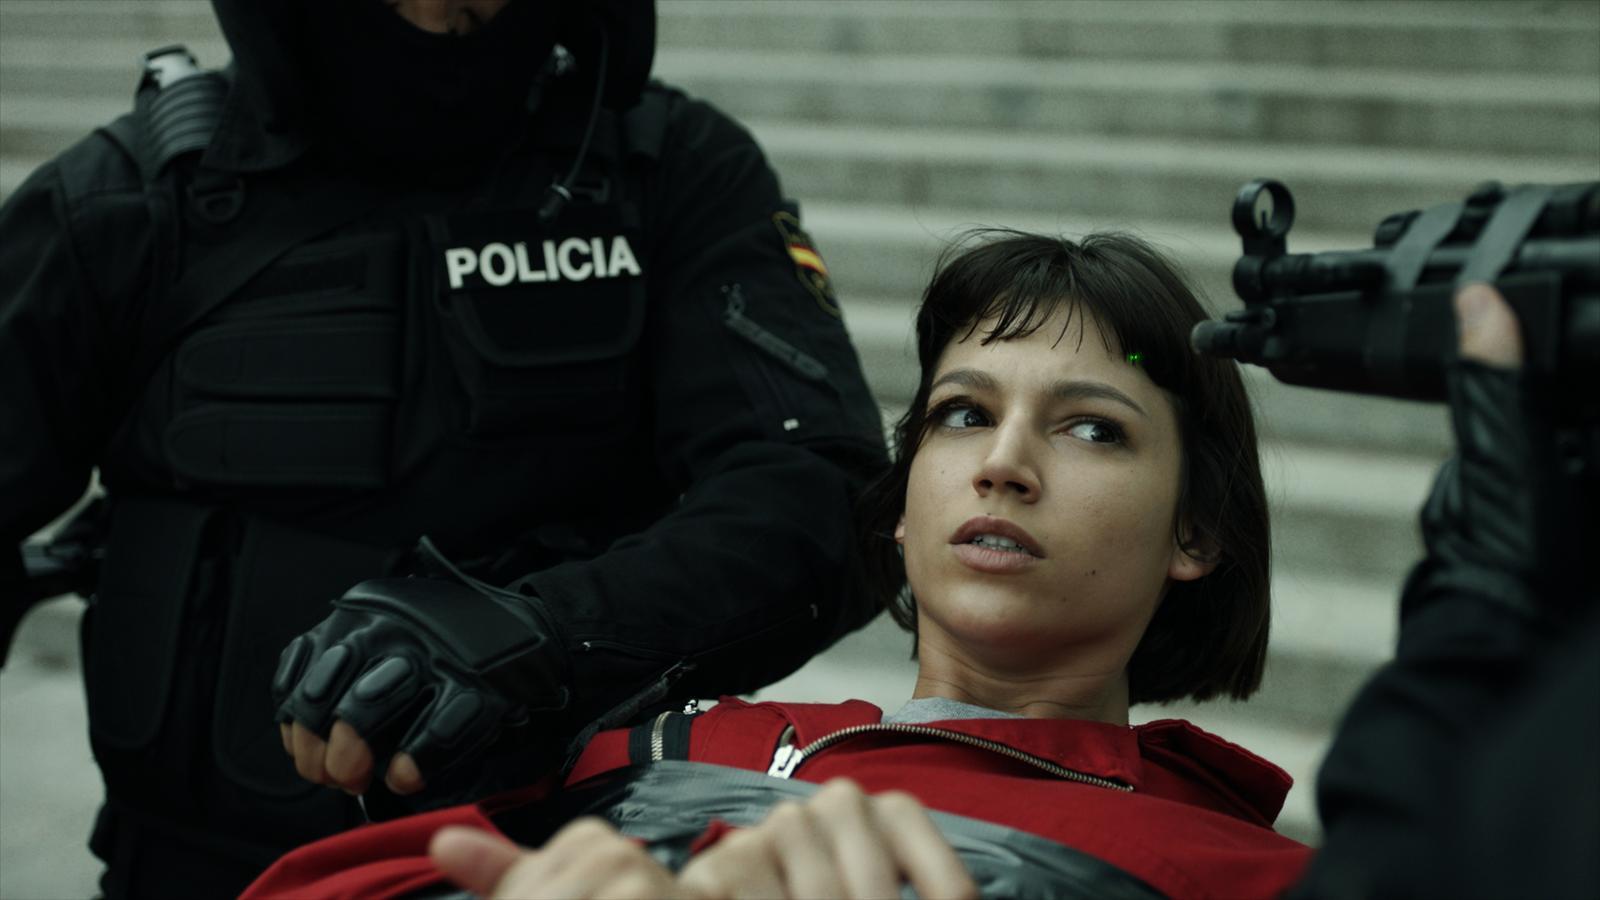 'La casa de papel', la sèrie de parla no anglesa més vista a Netflix